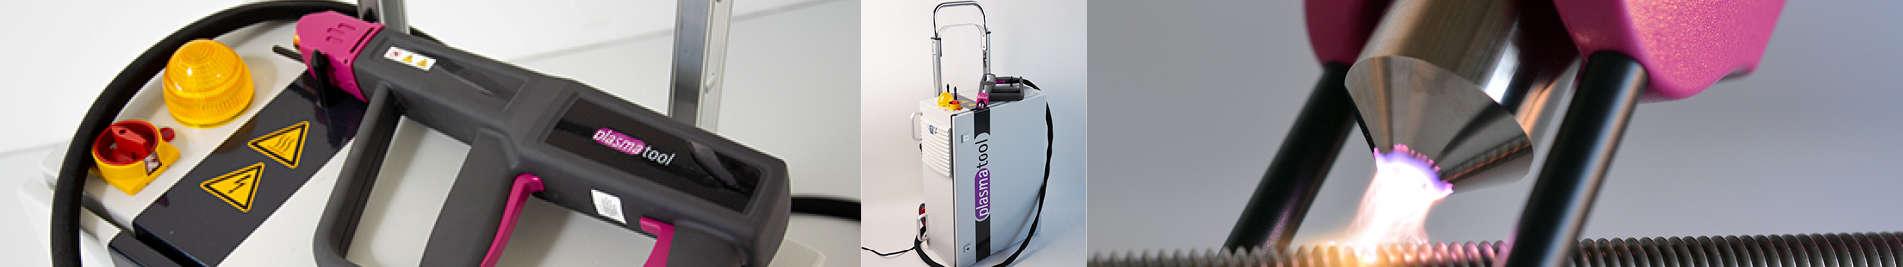 plasmatool - Plasma Hochleistungs-Handgerät